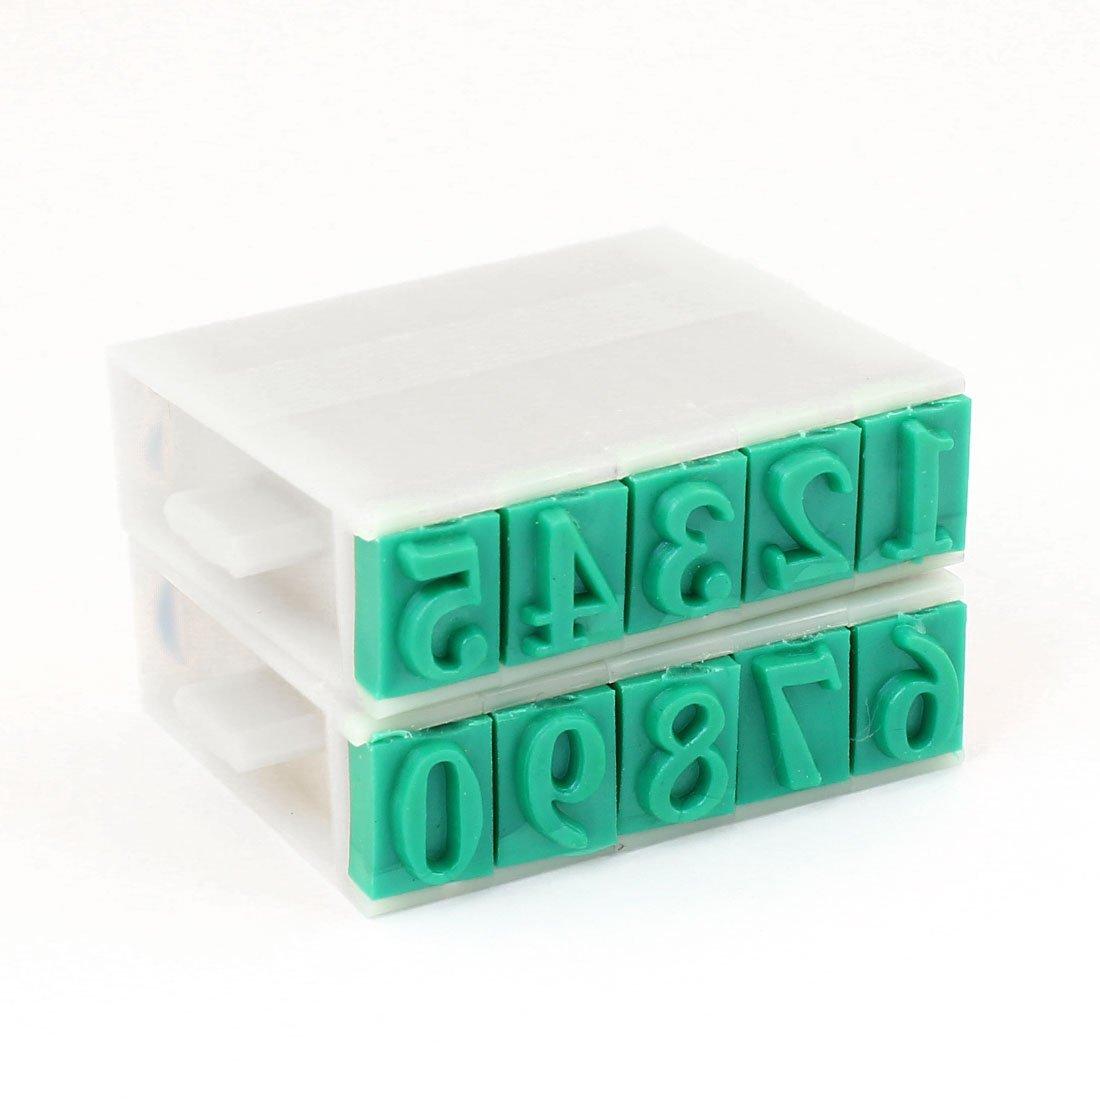 Achetez en Gros chiffres timbre en Ligne à des Grossistes